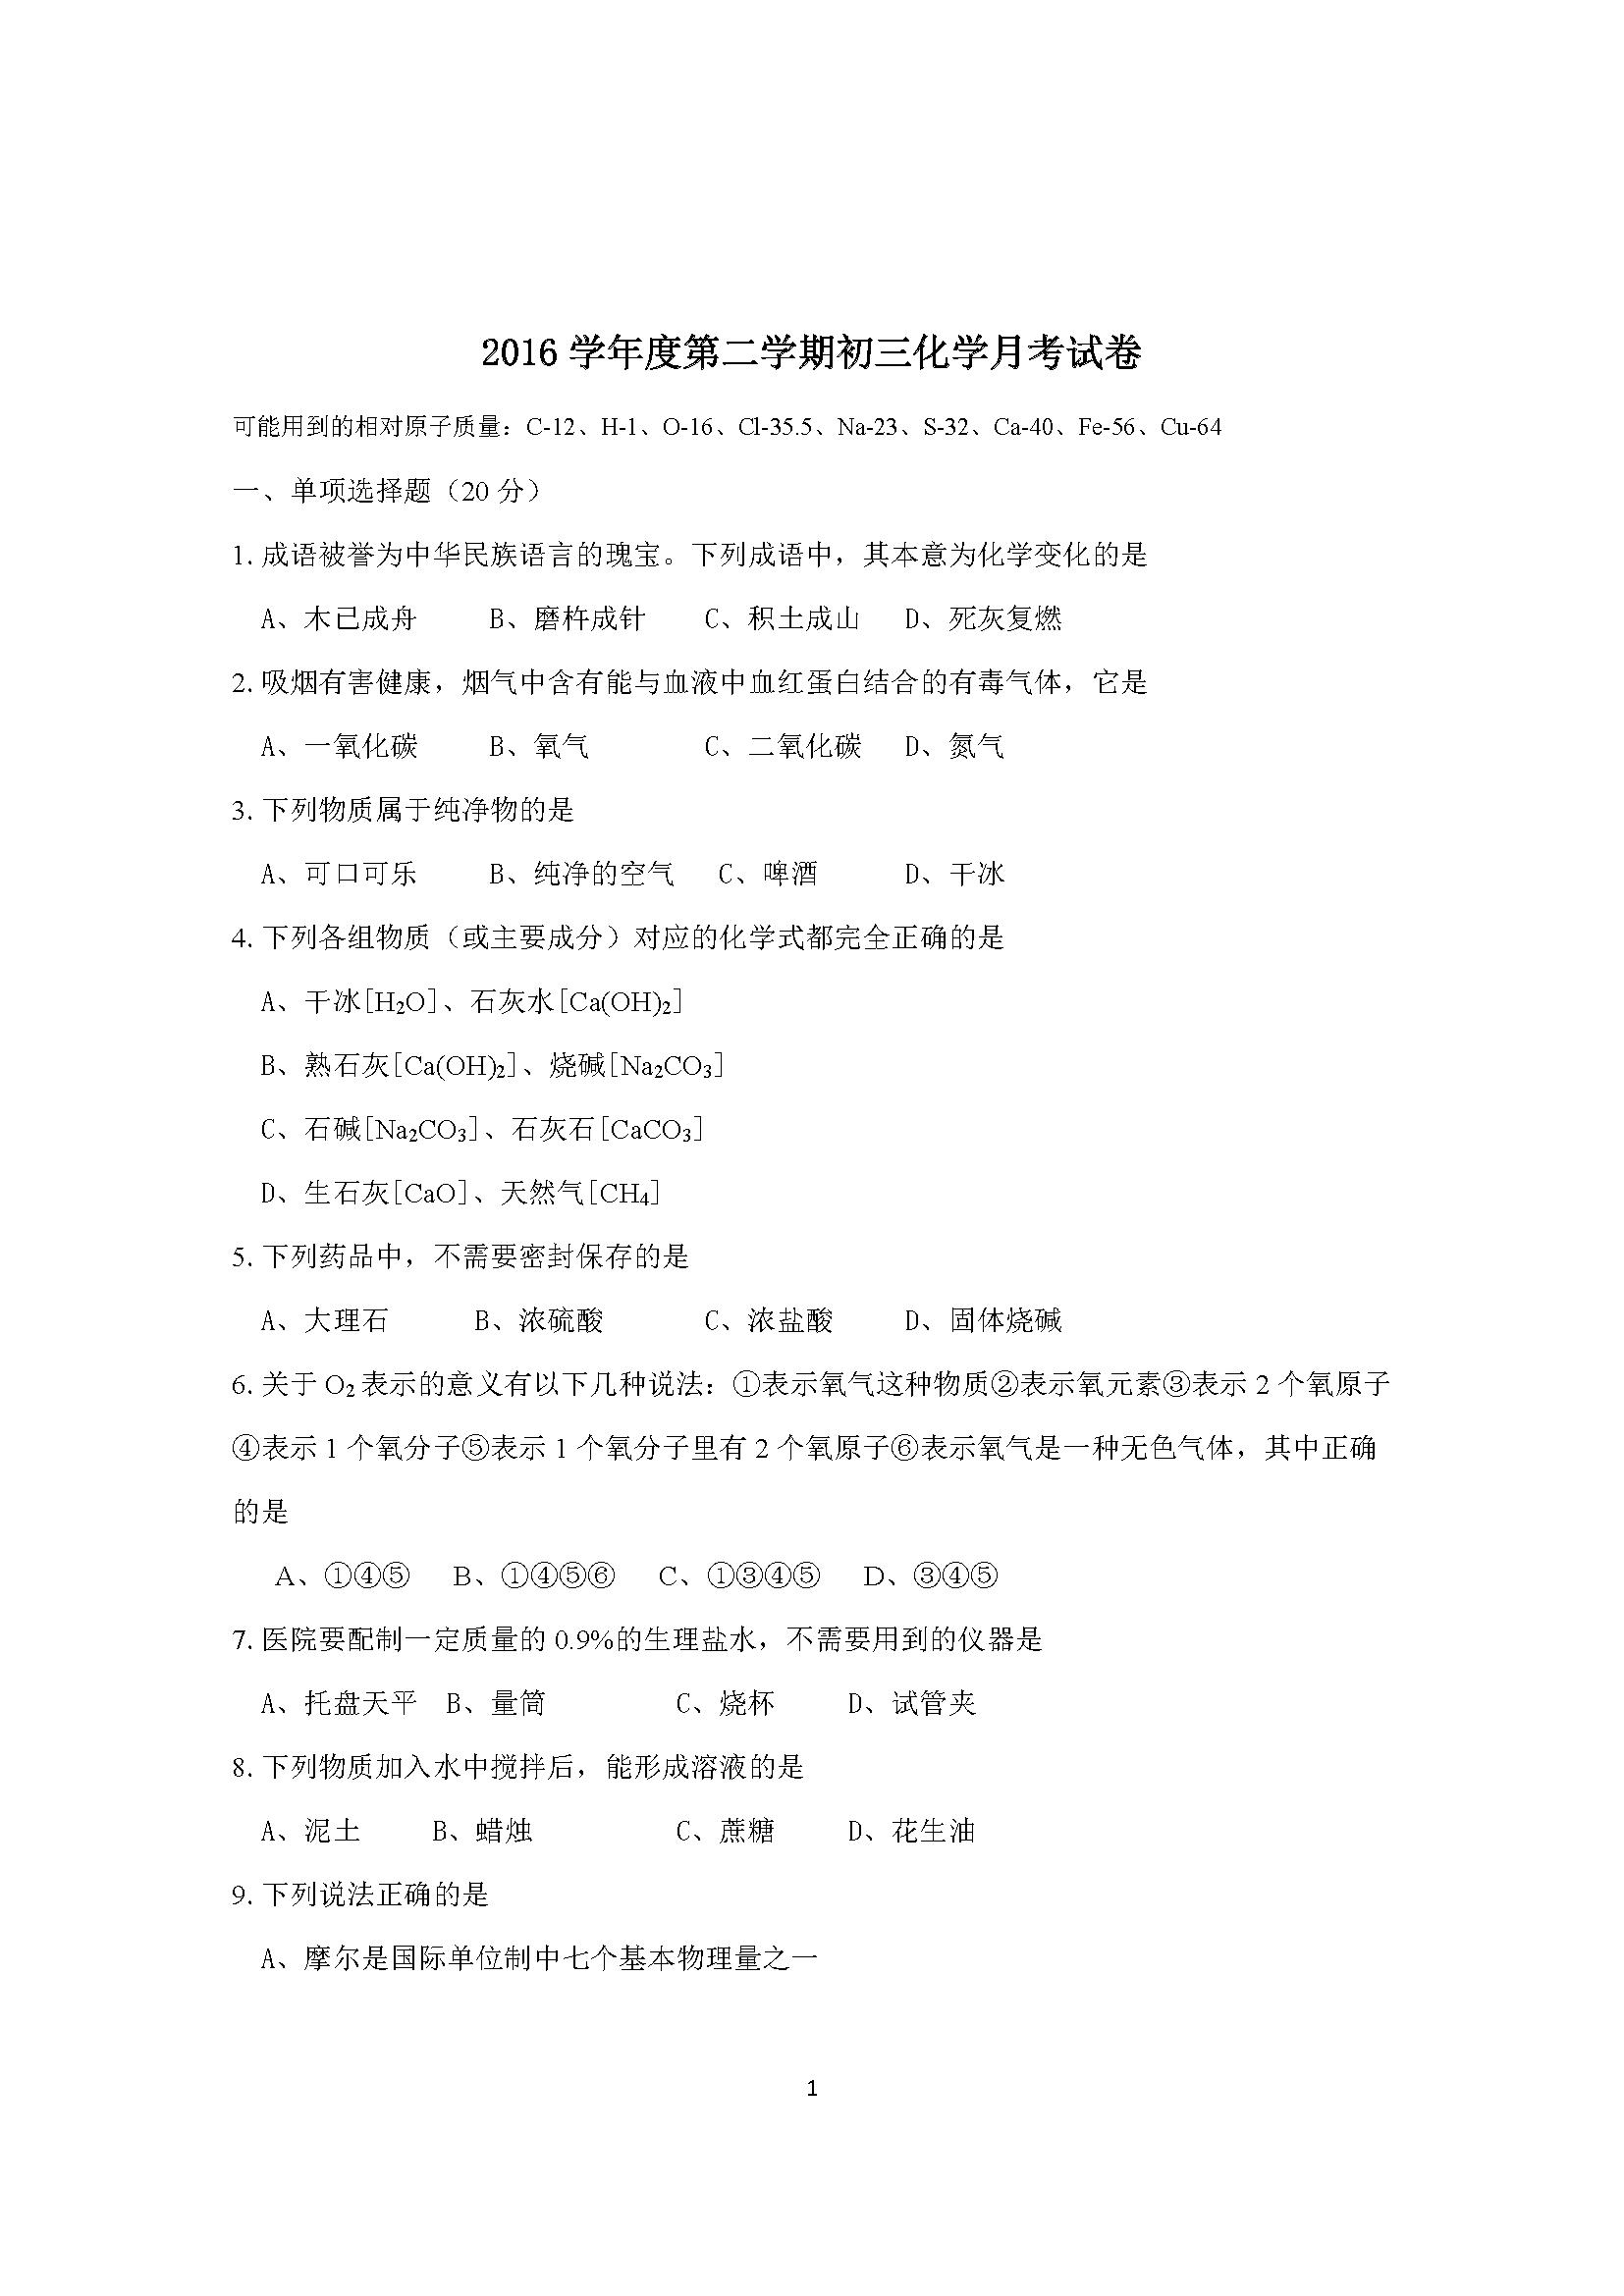 上海外国语大学附属学校2017九年级4月月考化学试题(图片版)